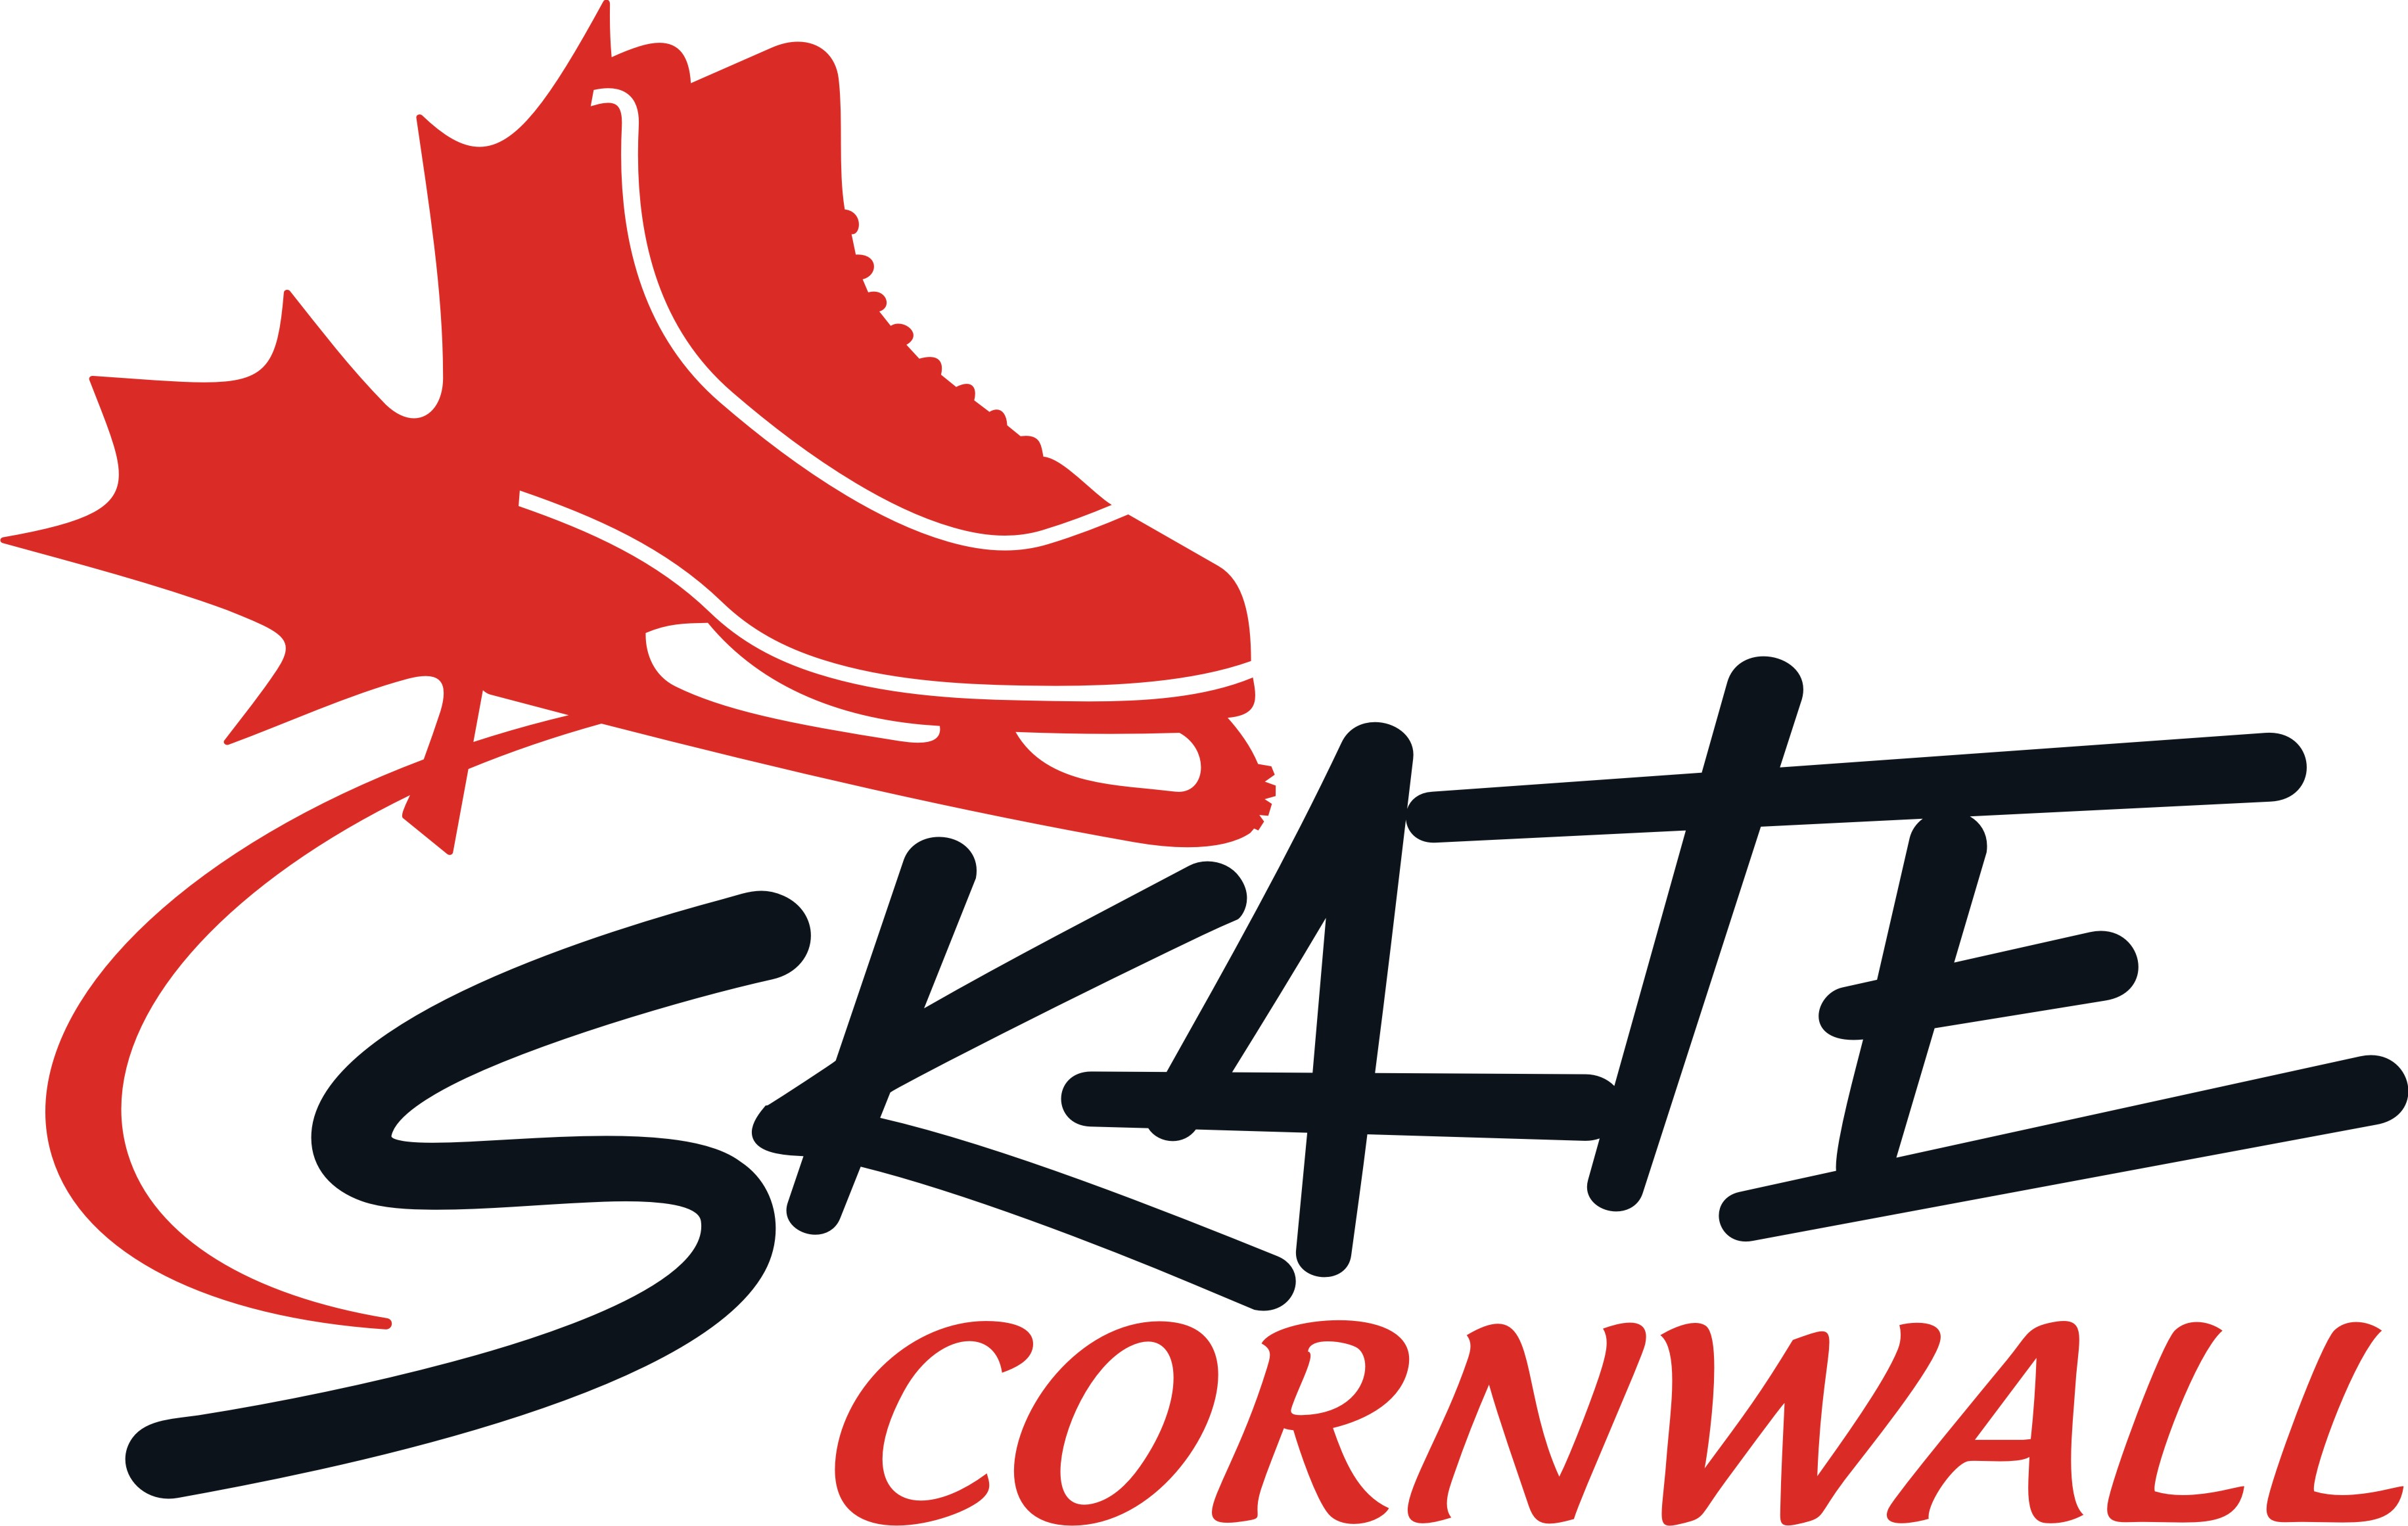 Skate Cornwall - Patinage Cornwall